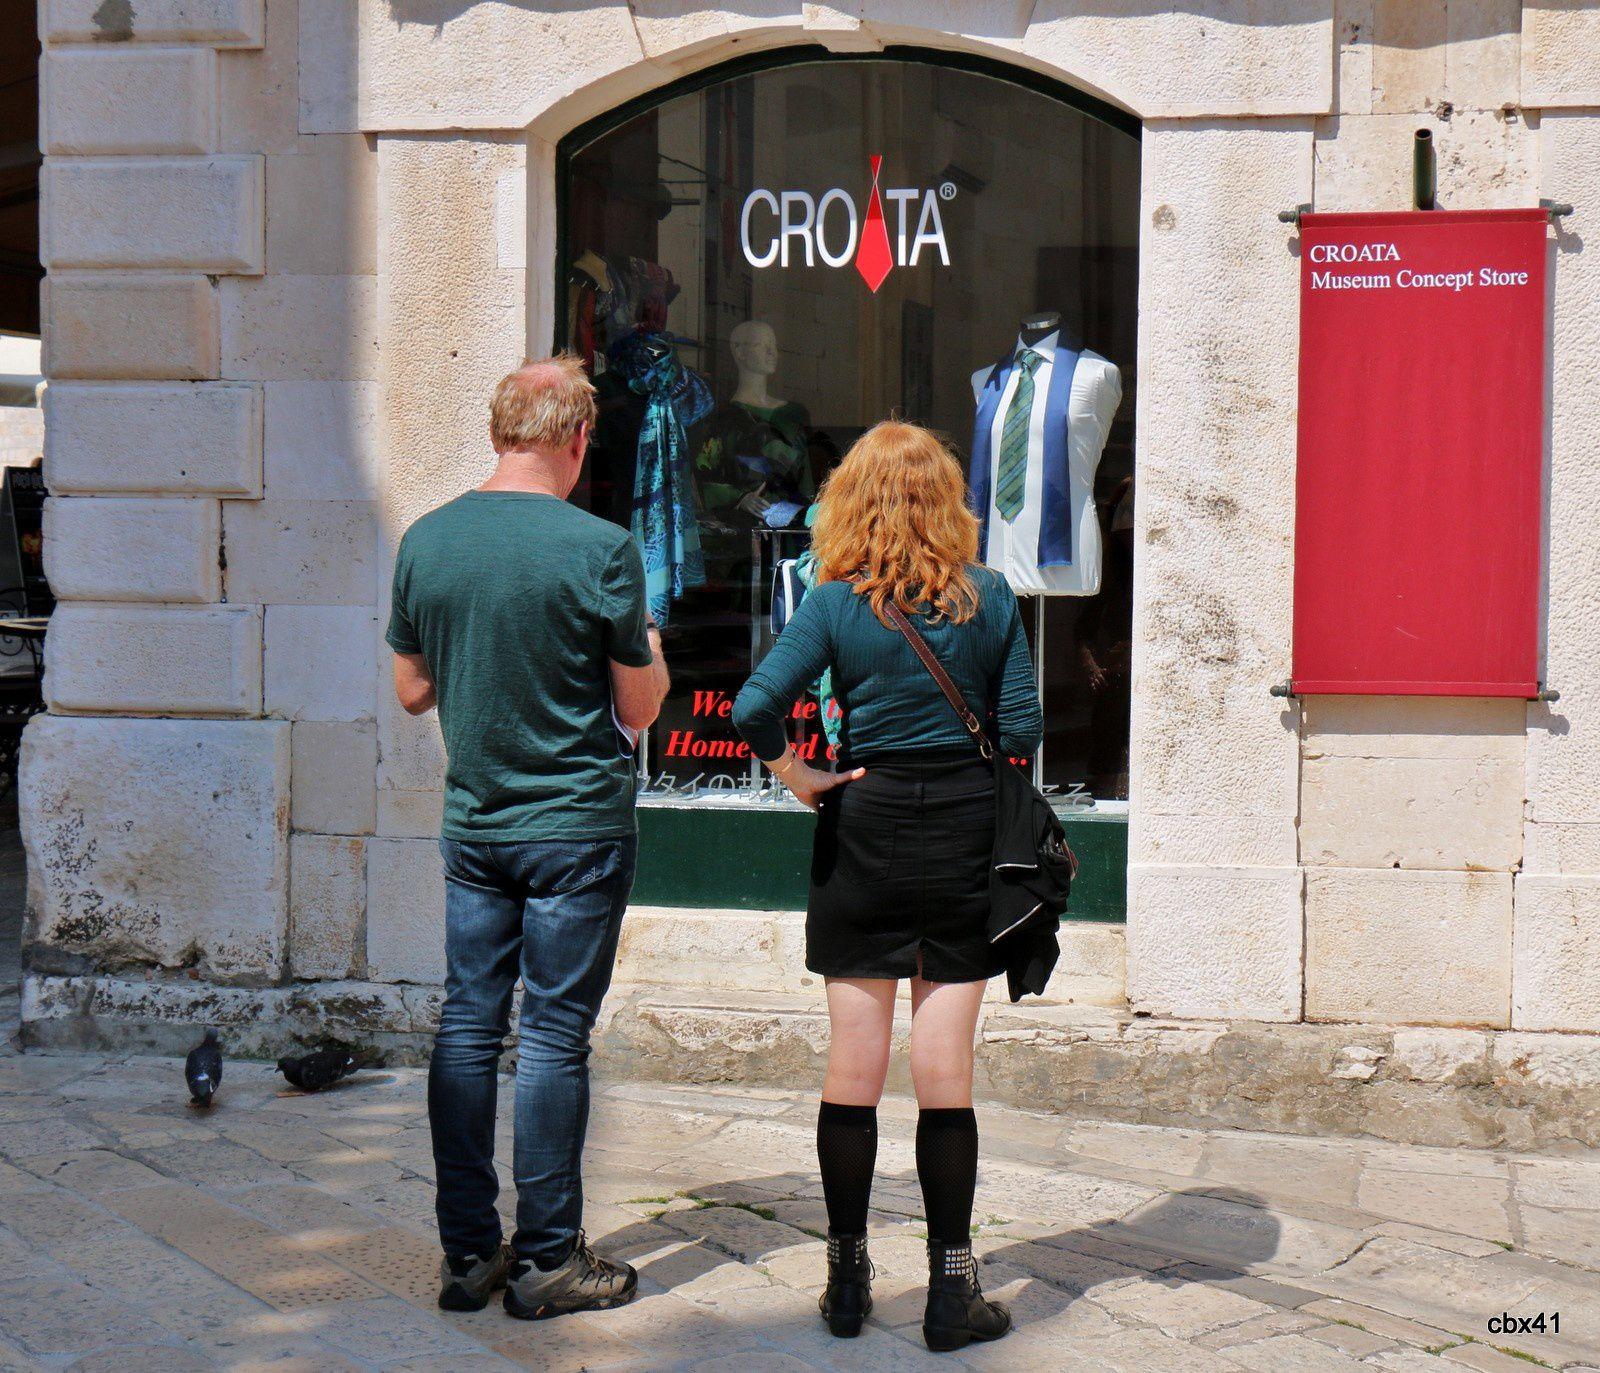 Boutique d'art dans la vieille ville de Dubrovnik (Croatie)